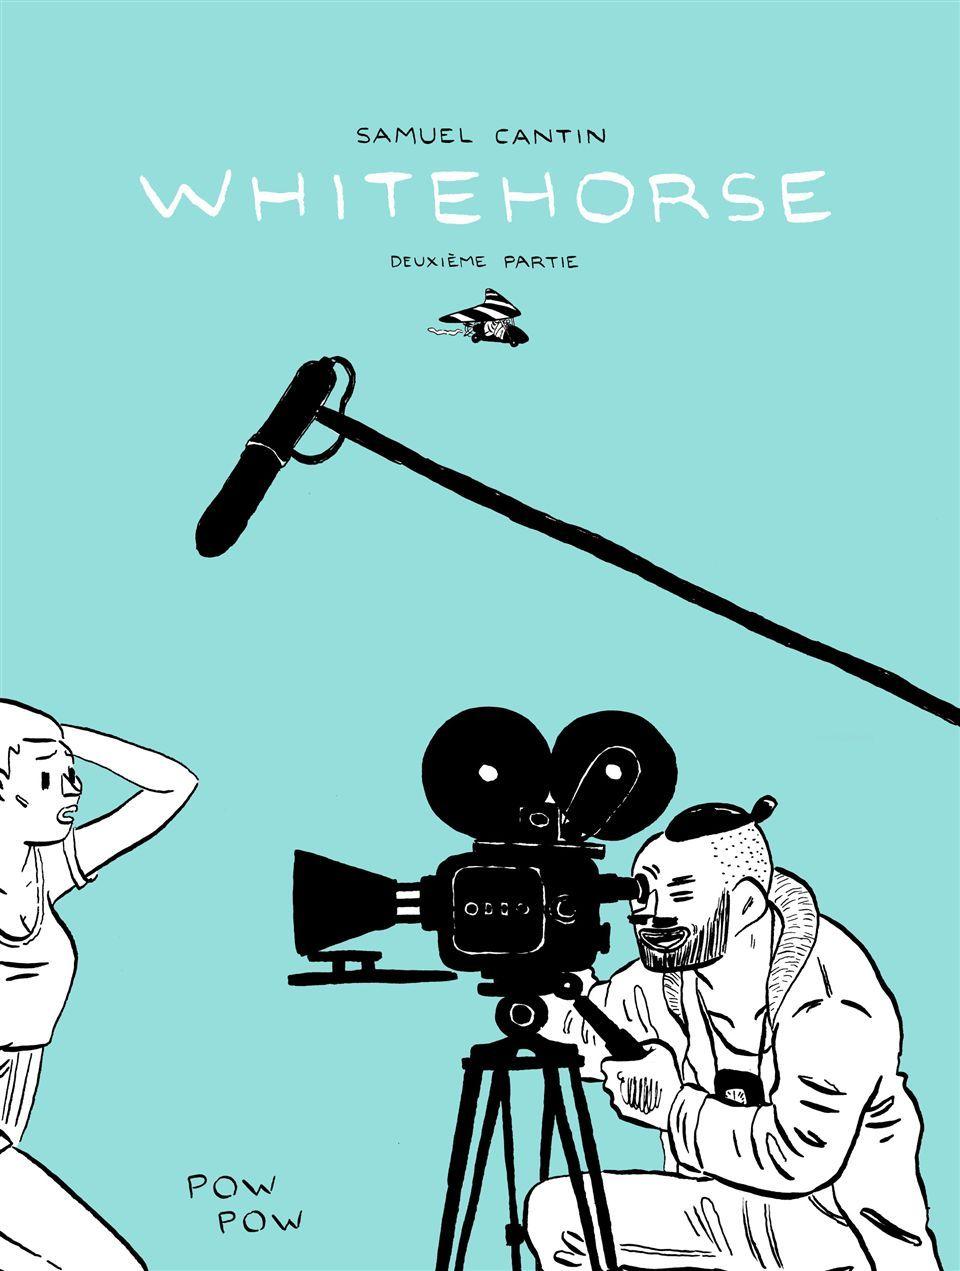 WHITEHORSE-DEUXIEME PARTIE